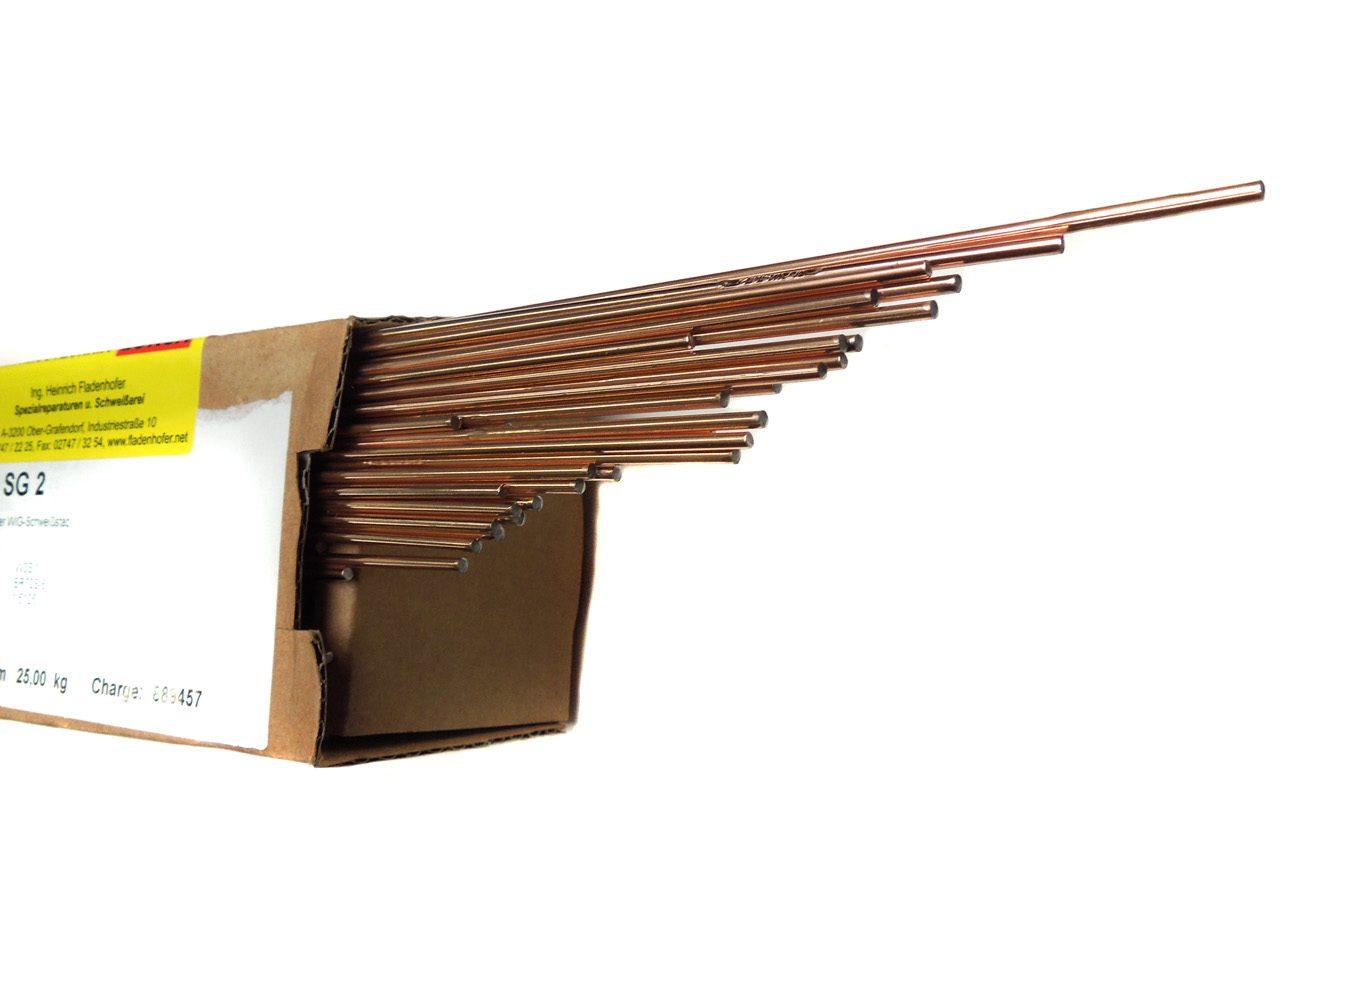 WIG-Schweißdraht Stahl SG2 unlegiert Karton